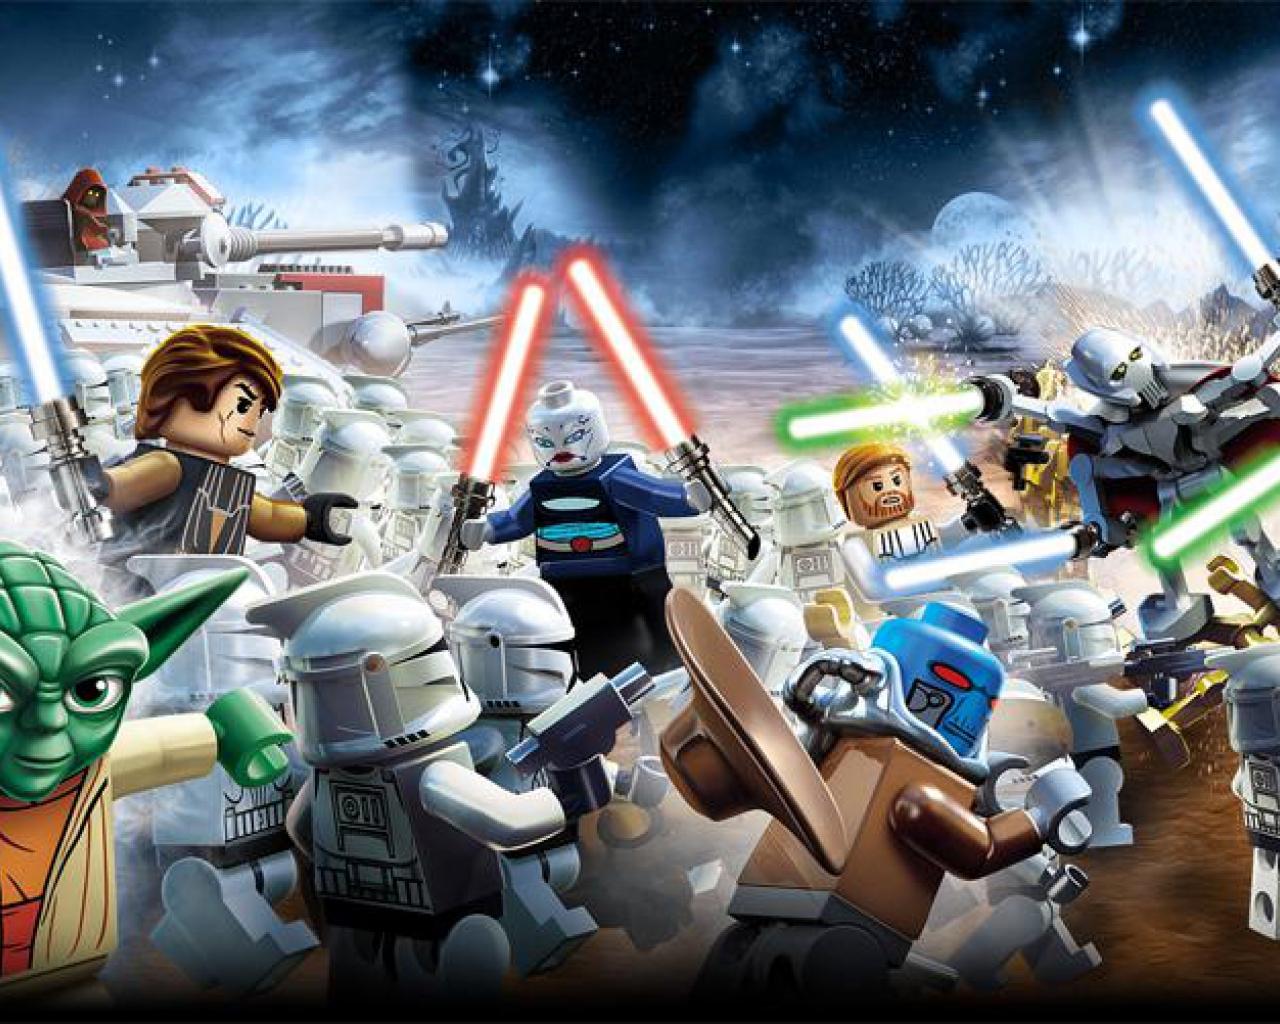 Lego Lanzara Un Juego De Star Wars El Despertar De La Fuerza